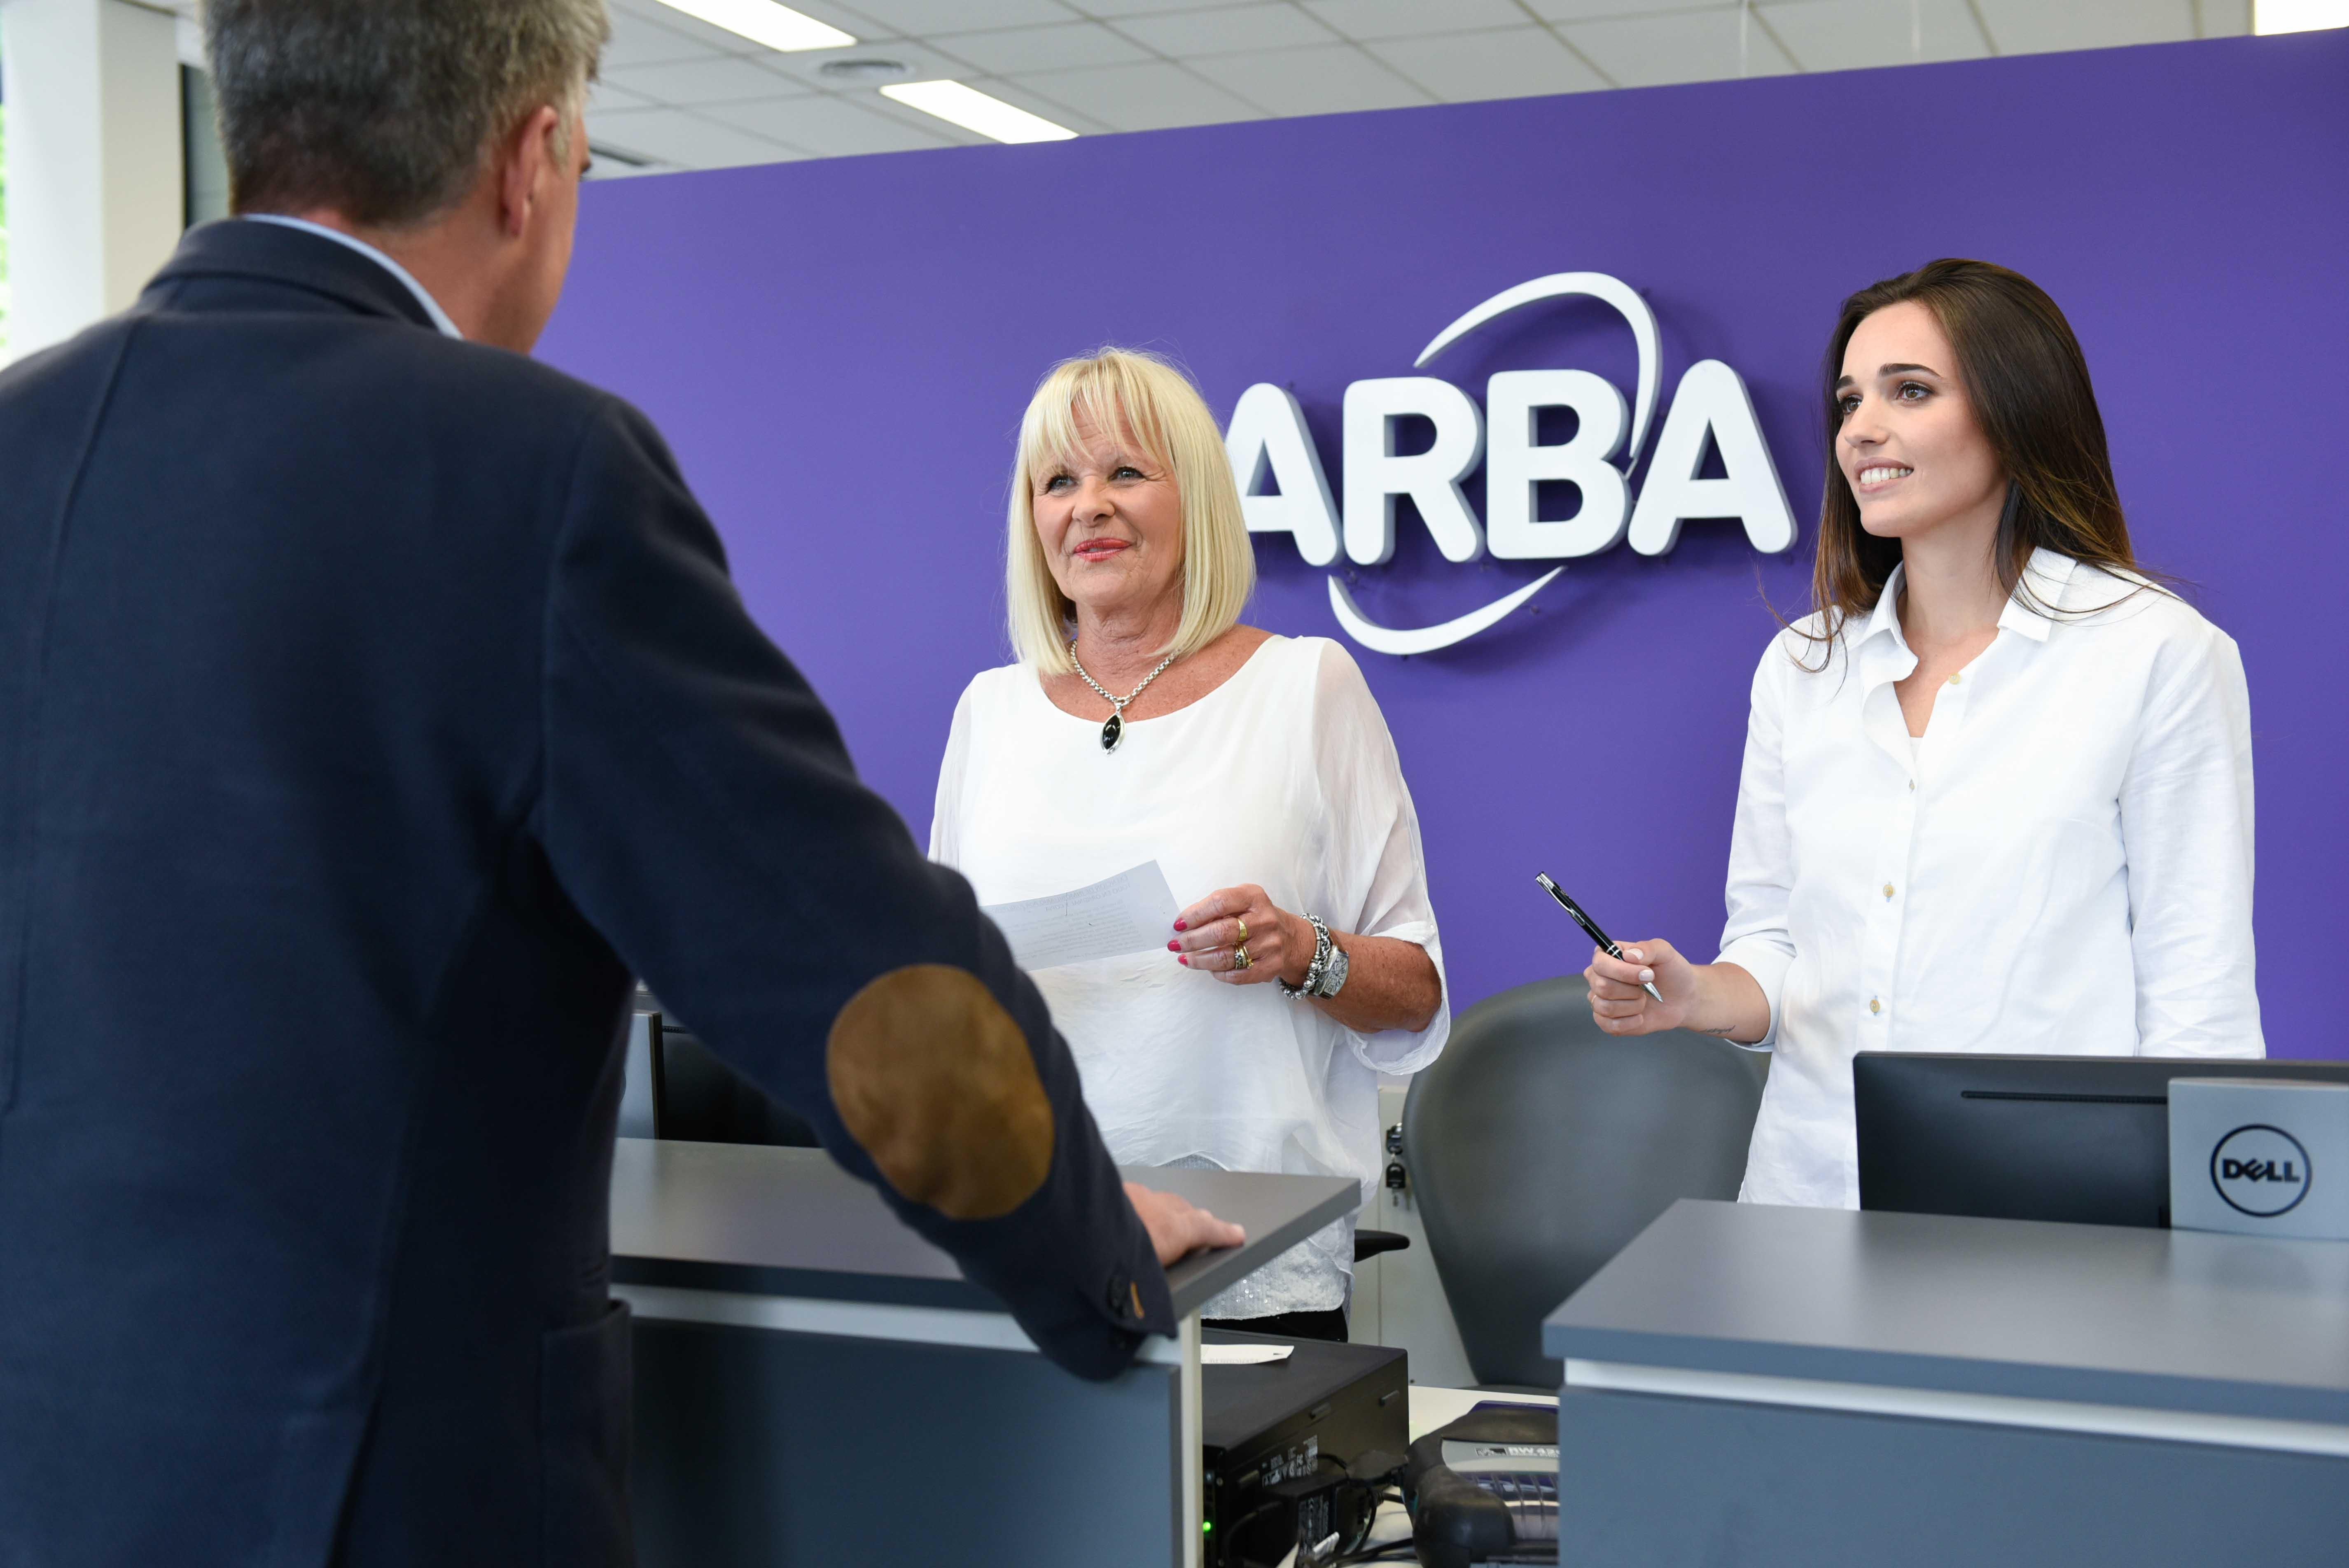 El mes pasado, Arba volvió a postergar la cuota de Ingresos Brutos para trabajadores autónomos